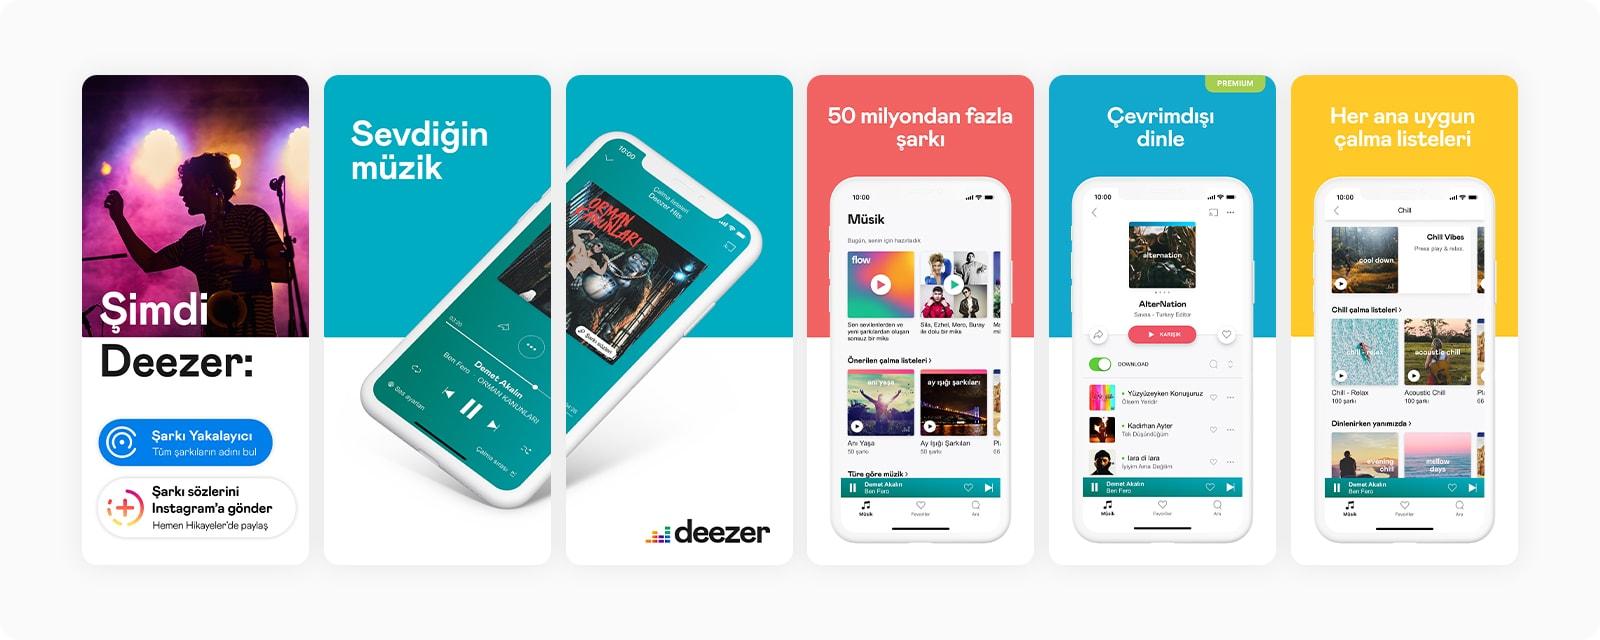 deezer screenshots